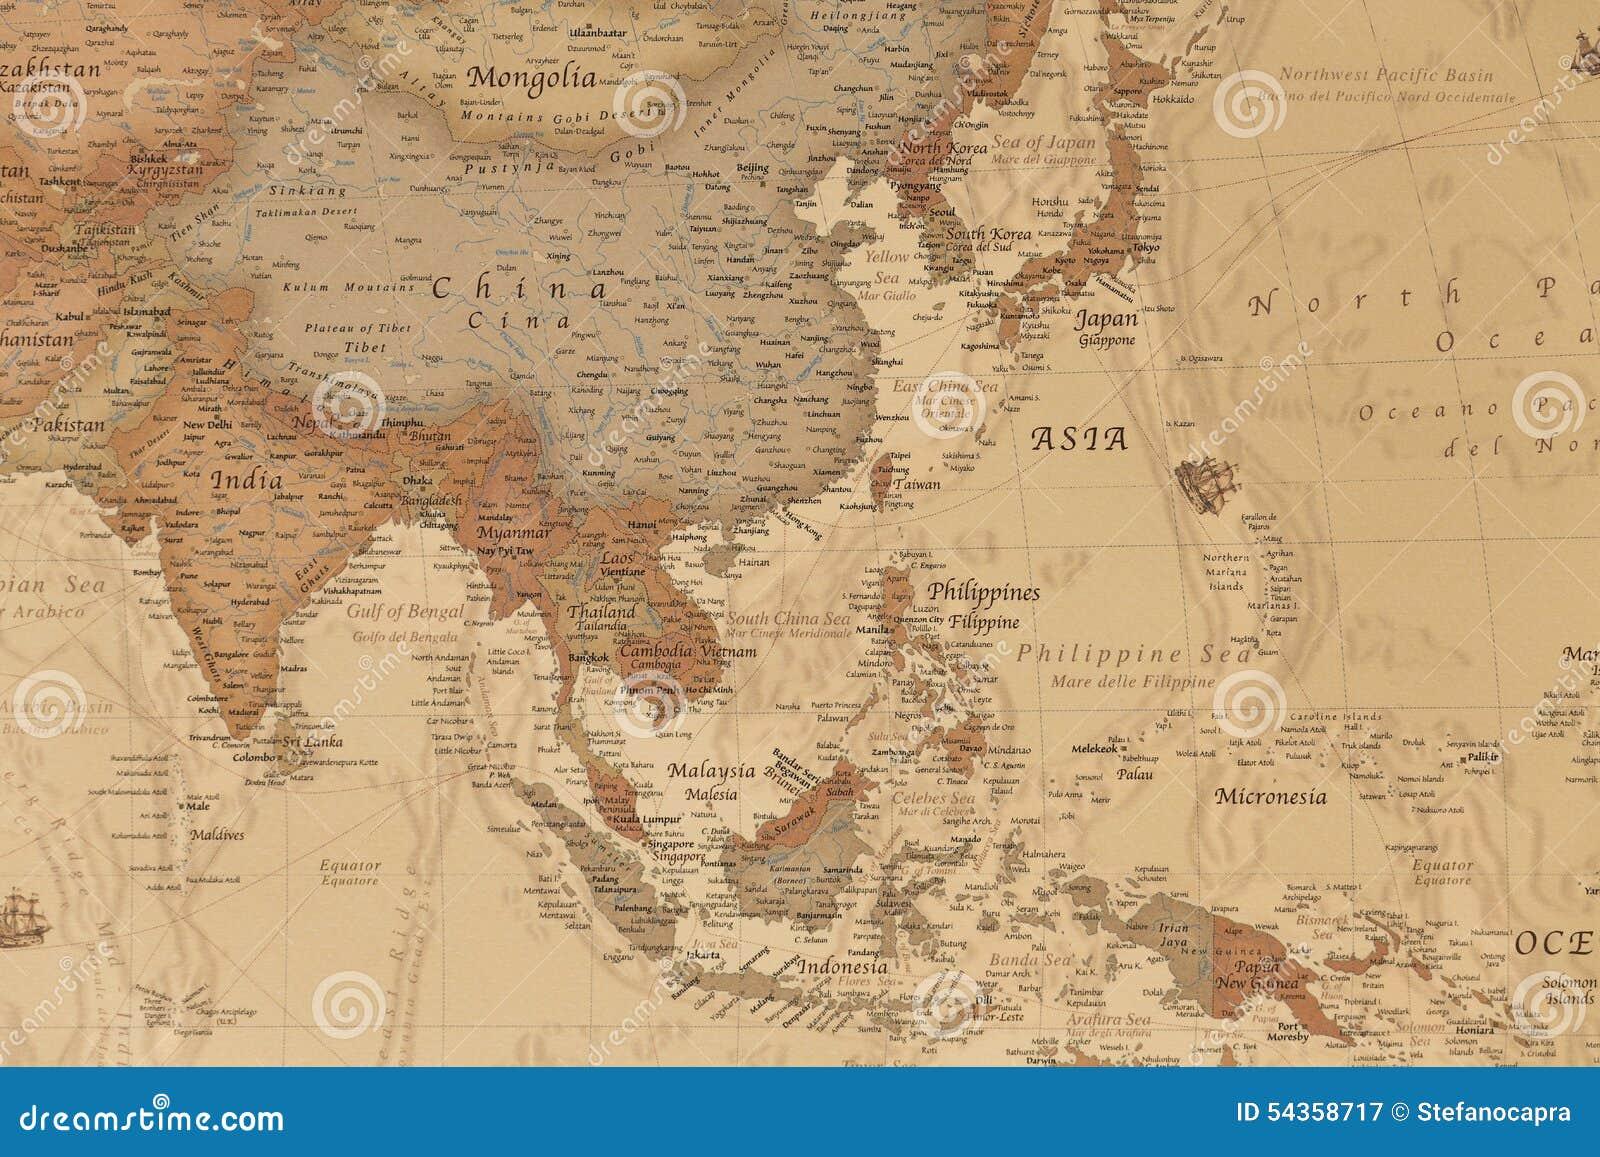 Cartina Geografica Antica.Mappa Geografica Antica Dell Asia Immagine Stock Immagine Di Geografico Grungy 54358717